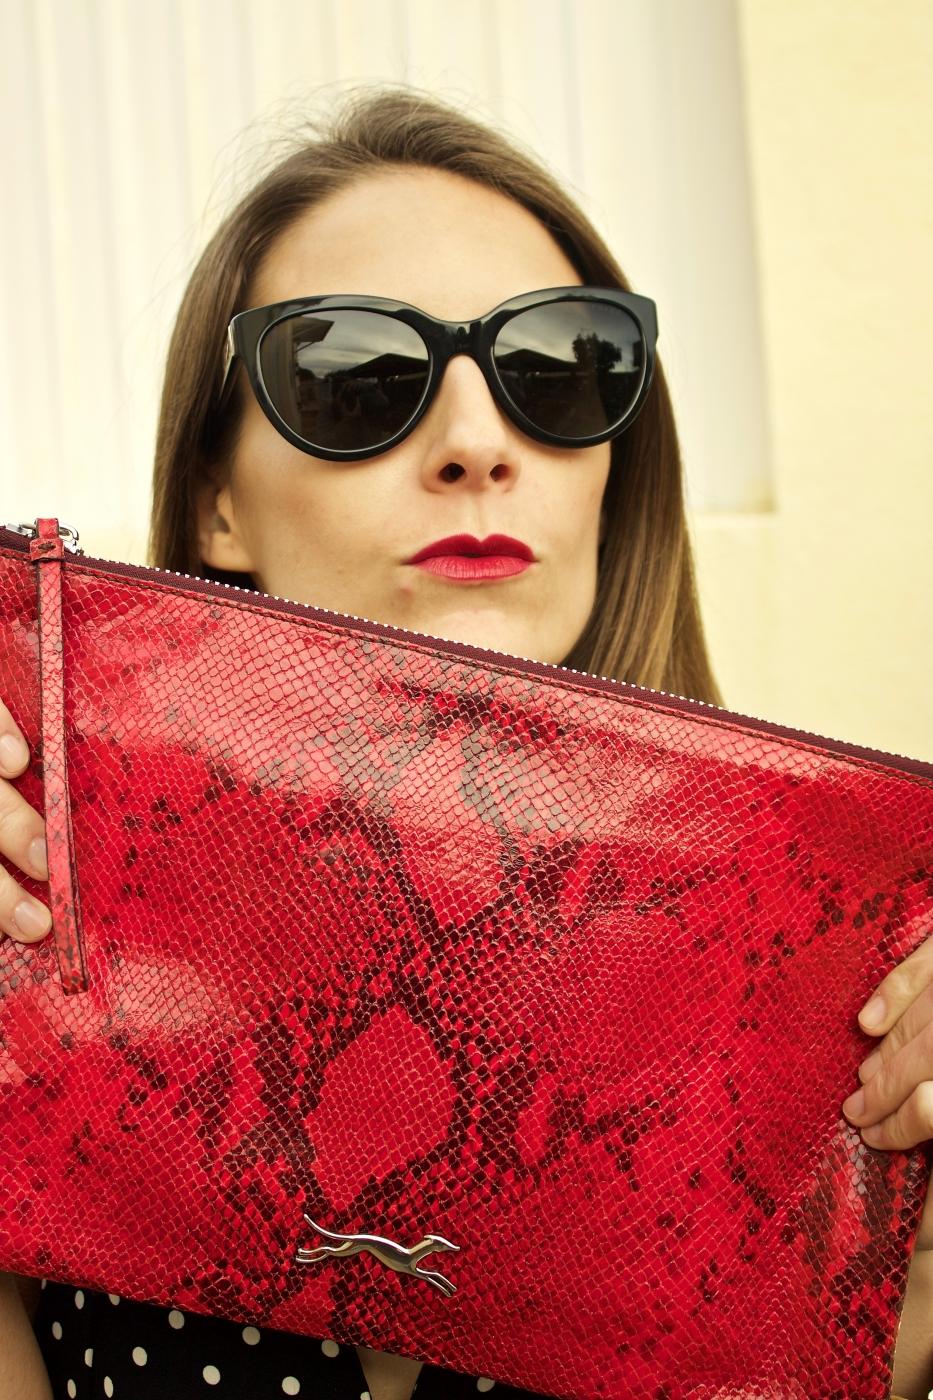 lara-vazquez-madlula-fashionblog-style-streetstyle-moda-red-chic